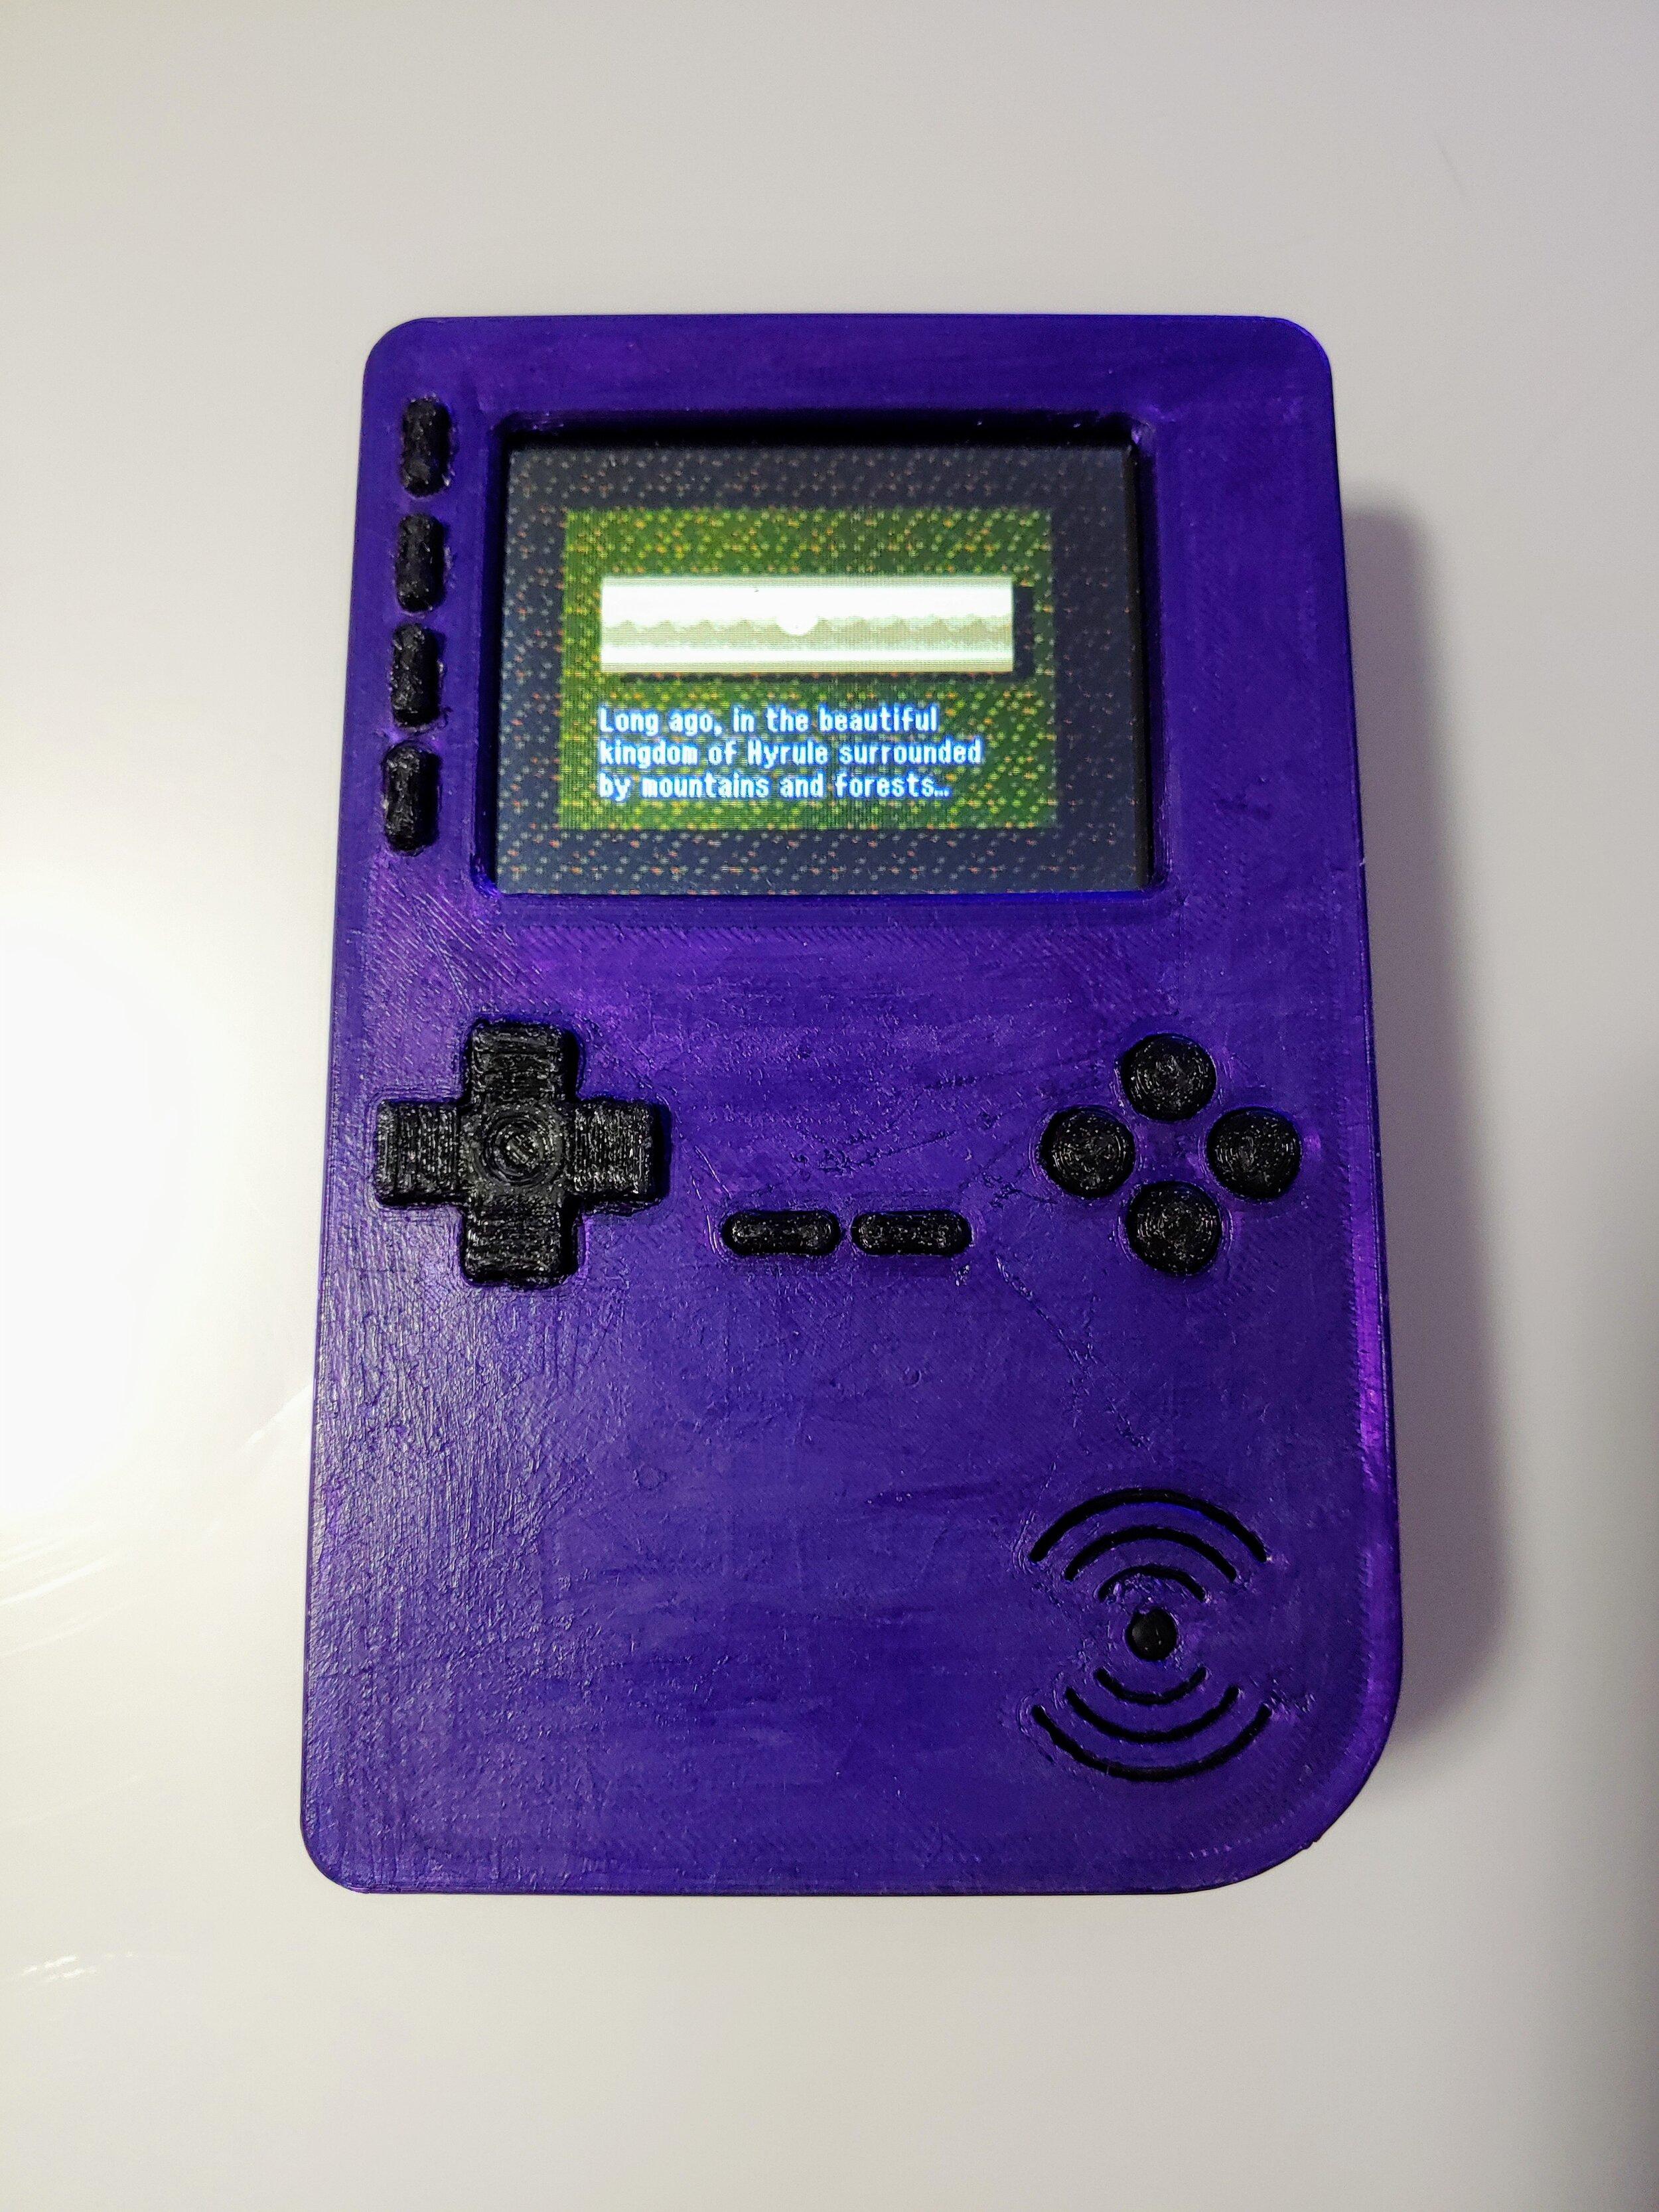 Homemade Raspberry Pi Handheld Gaming Device